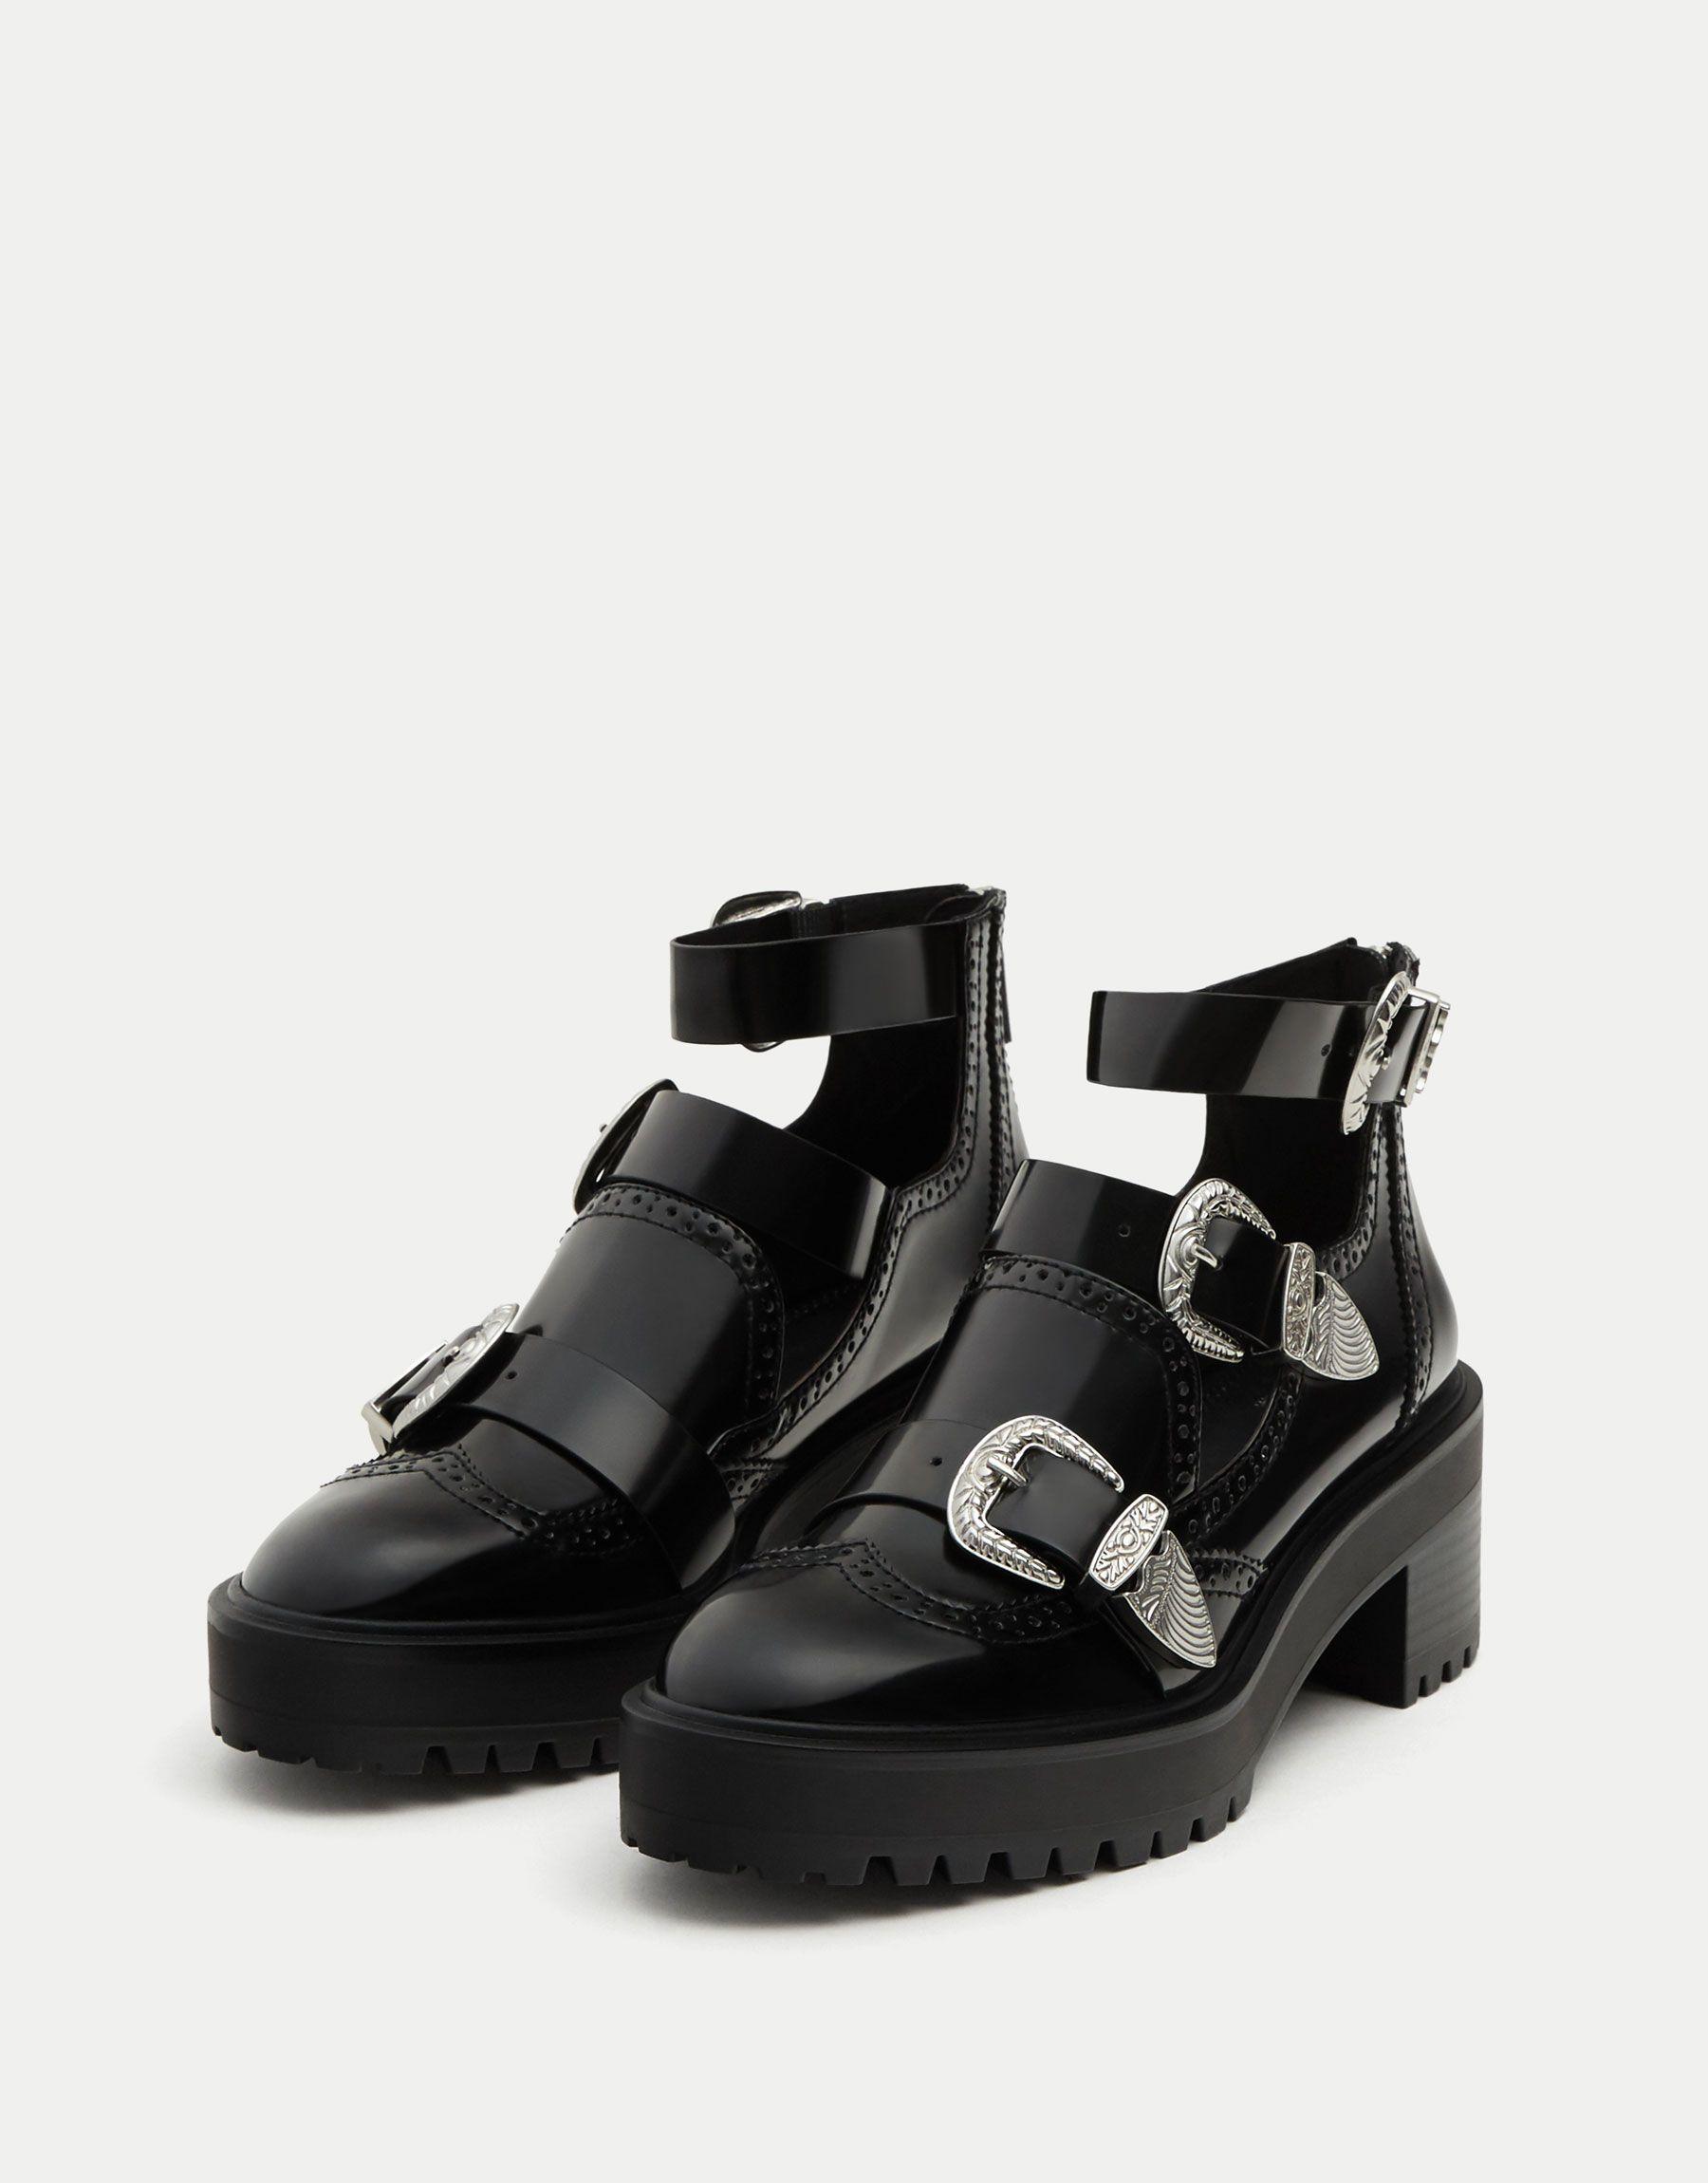 b3660e128eb Botín calado hebillas. - Ver todo - Zapatos - Mujer - PULL BEAR México